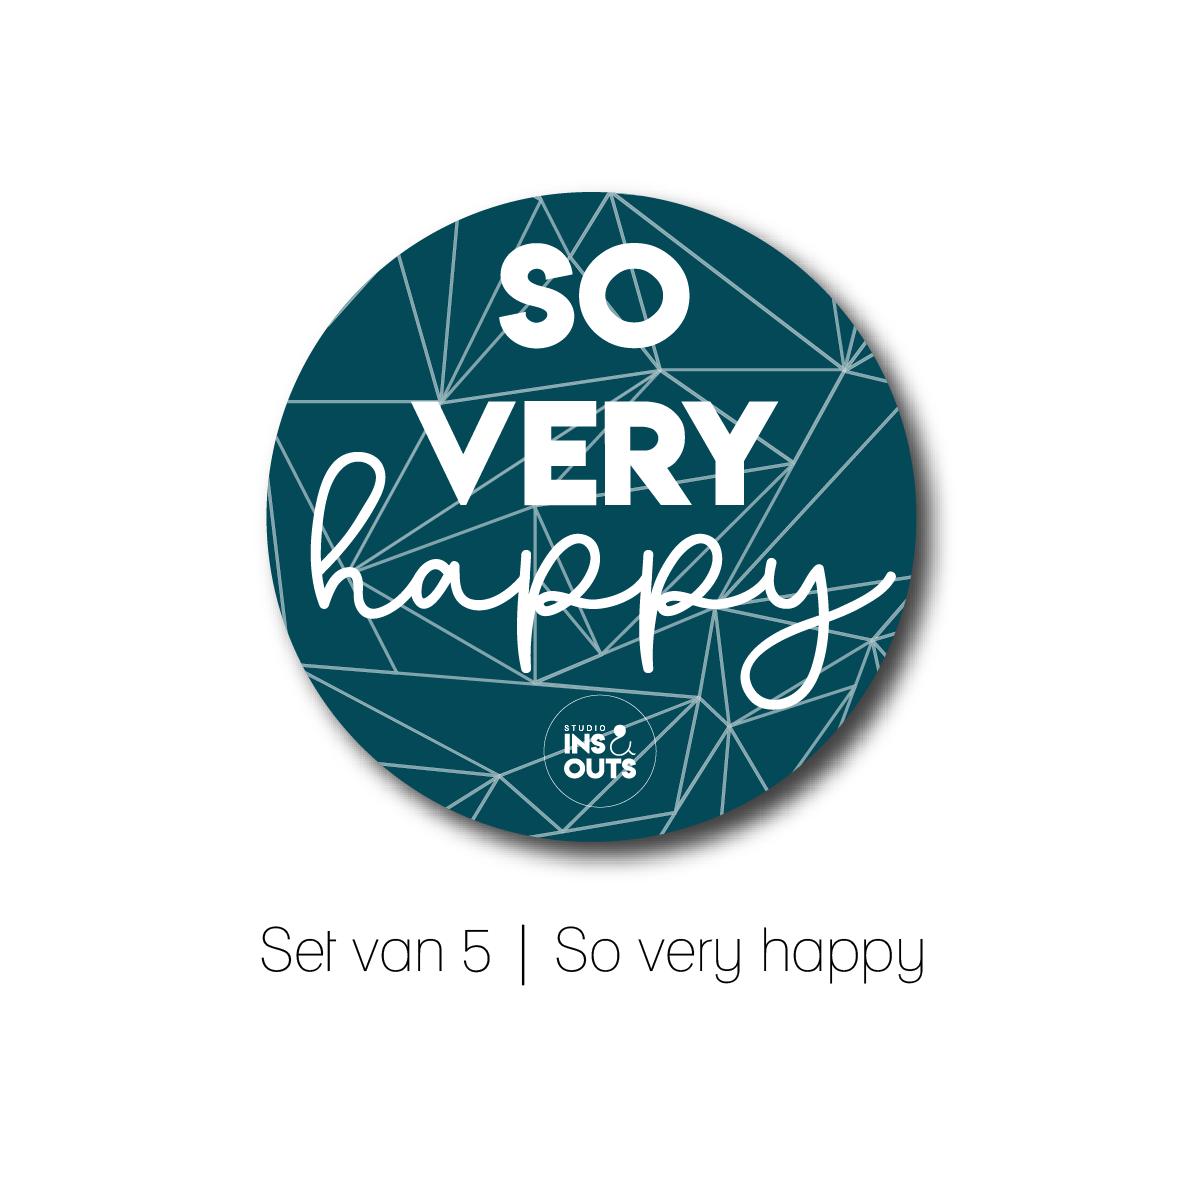 Set van 5 cadeau stickers | So very happy